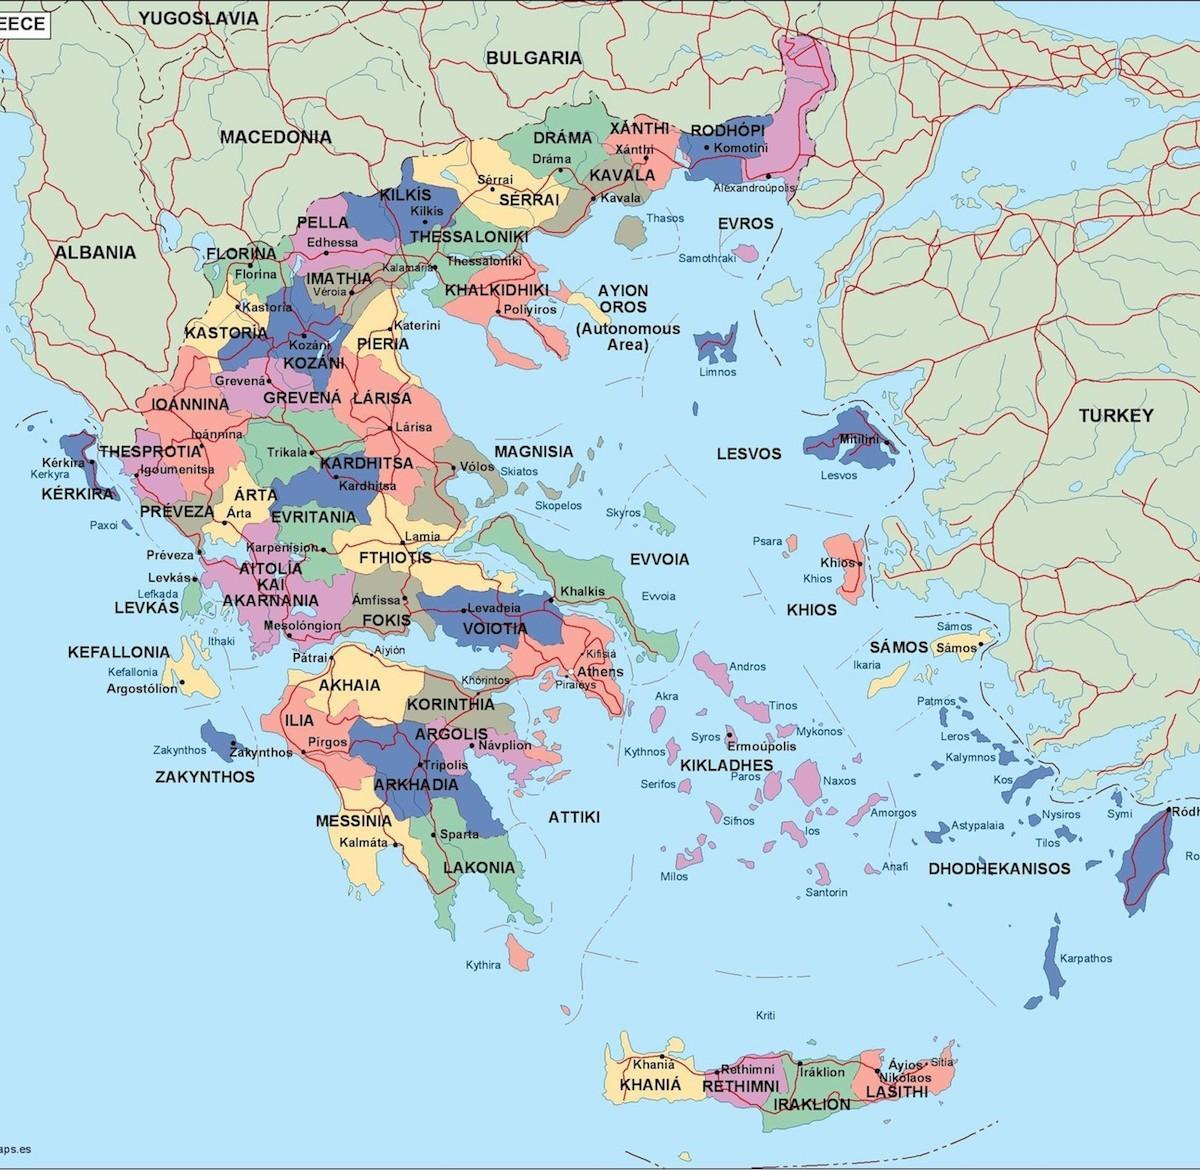 Mapa Politico De Grecia.Grecia Mapa Politico Mapa Politico De Grecia Sur De